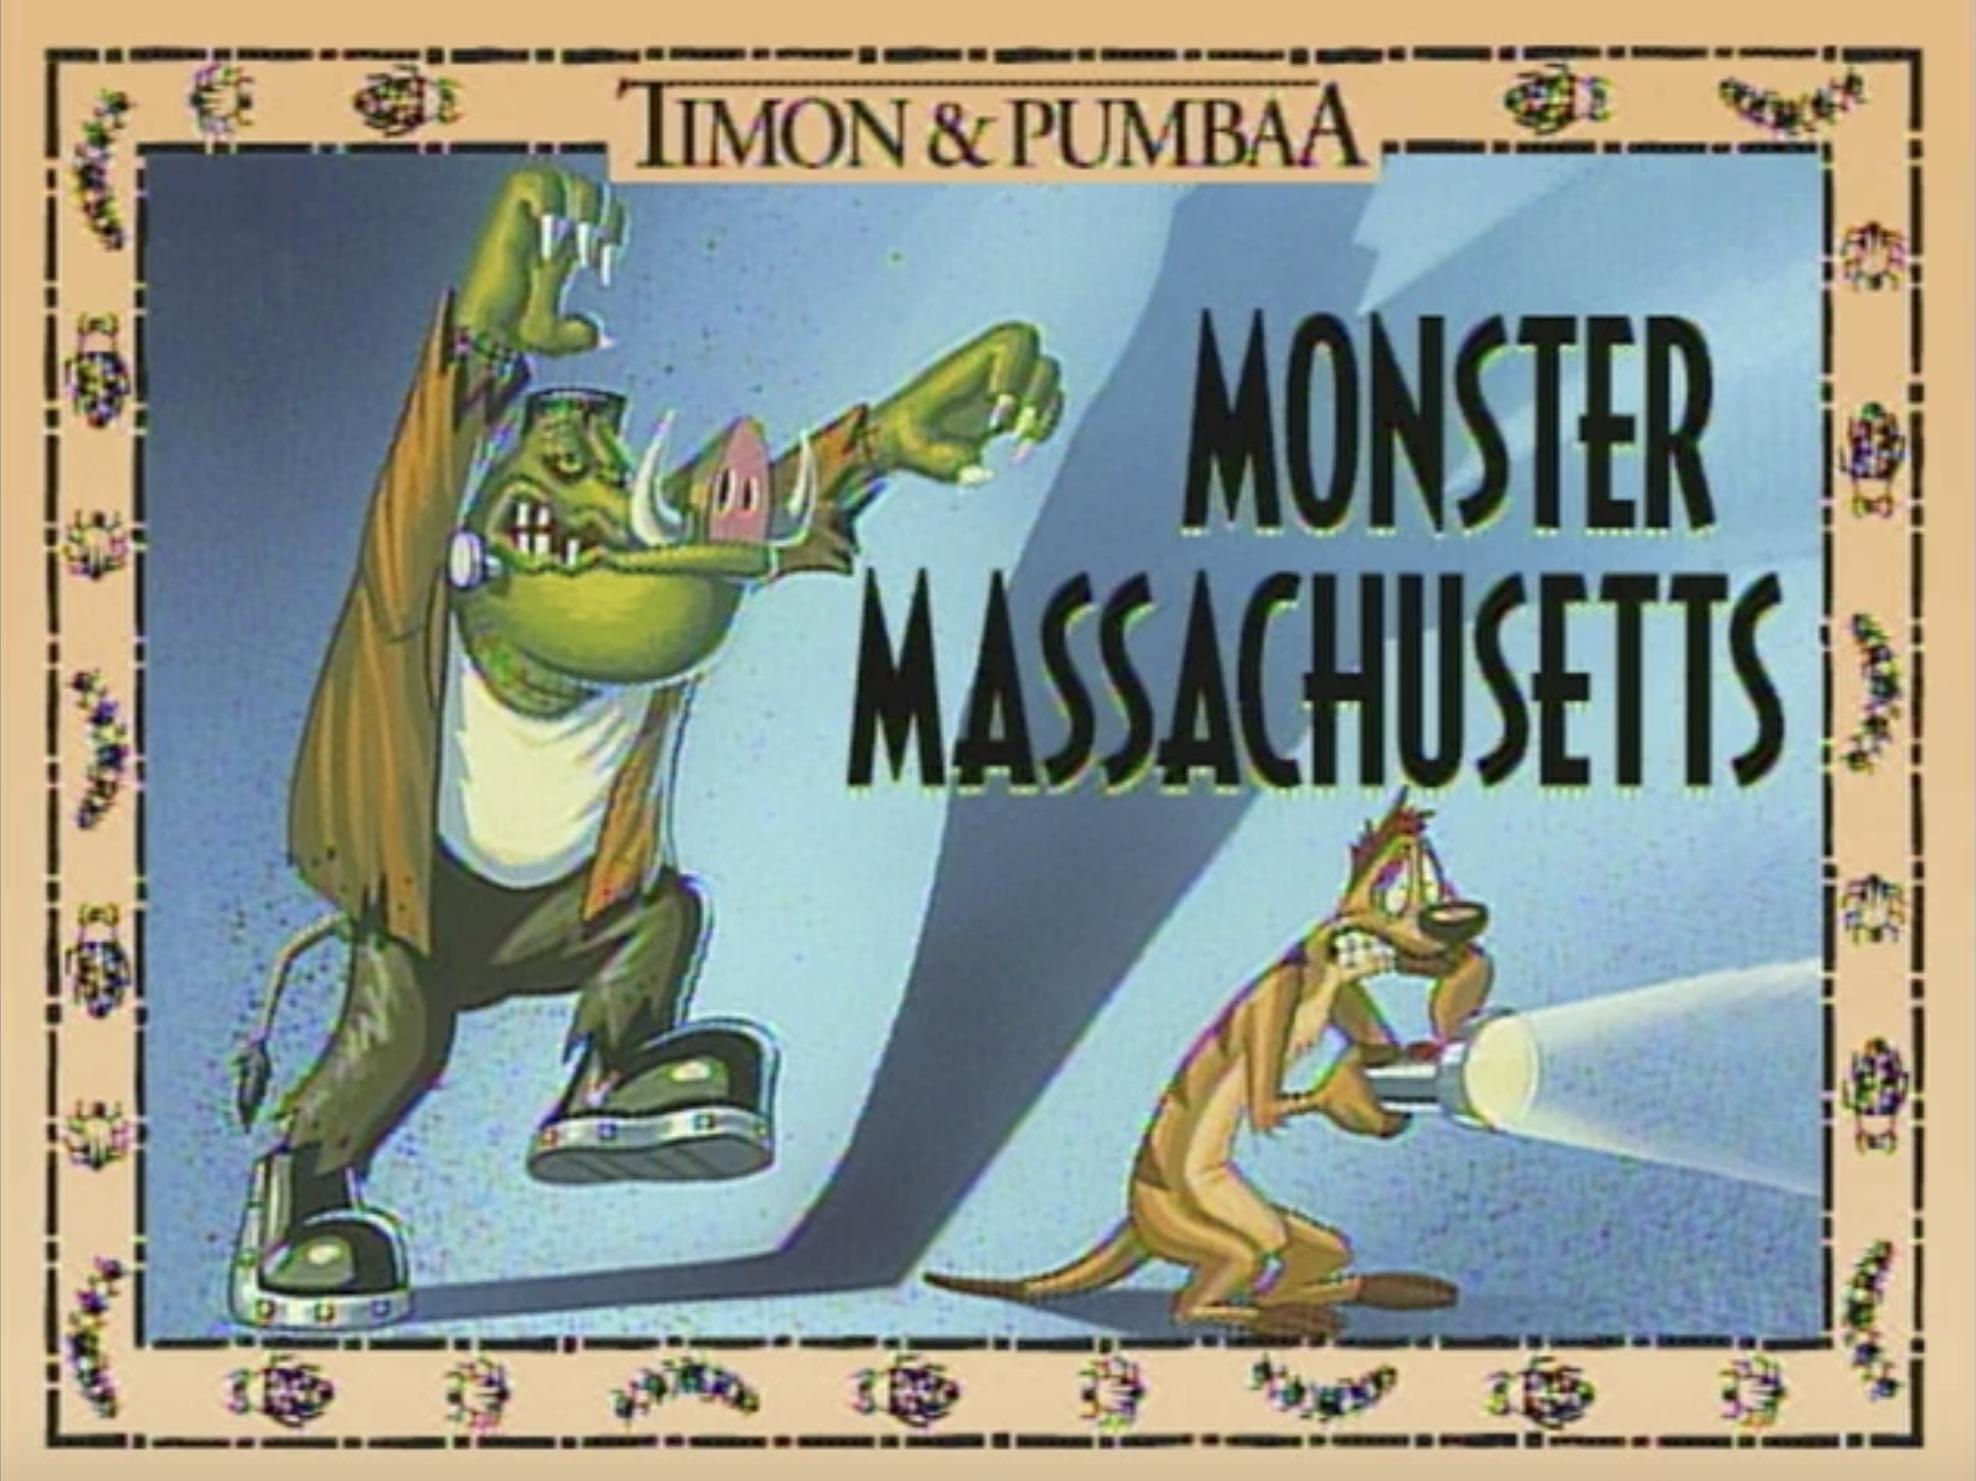 Monster Massachusetts